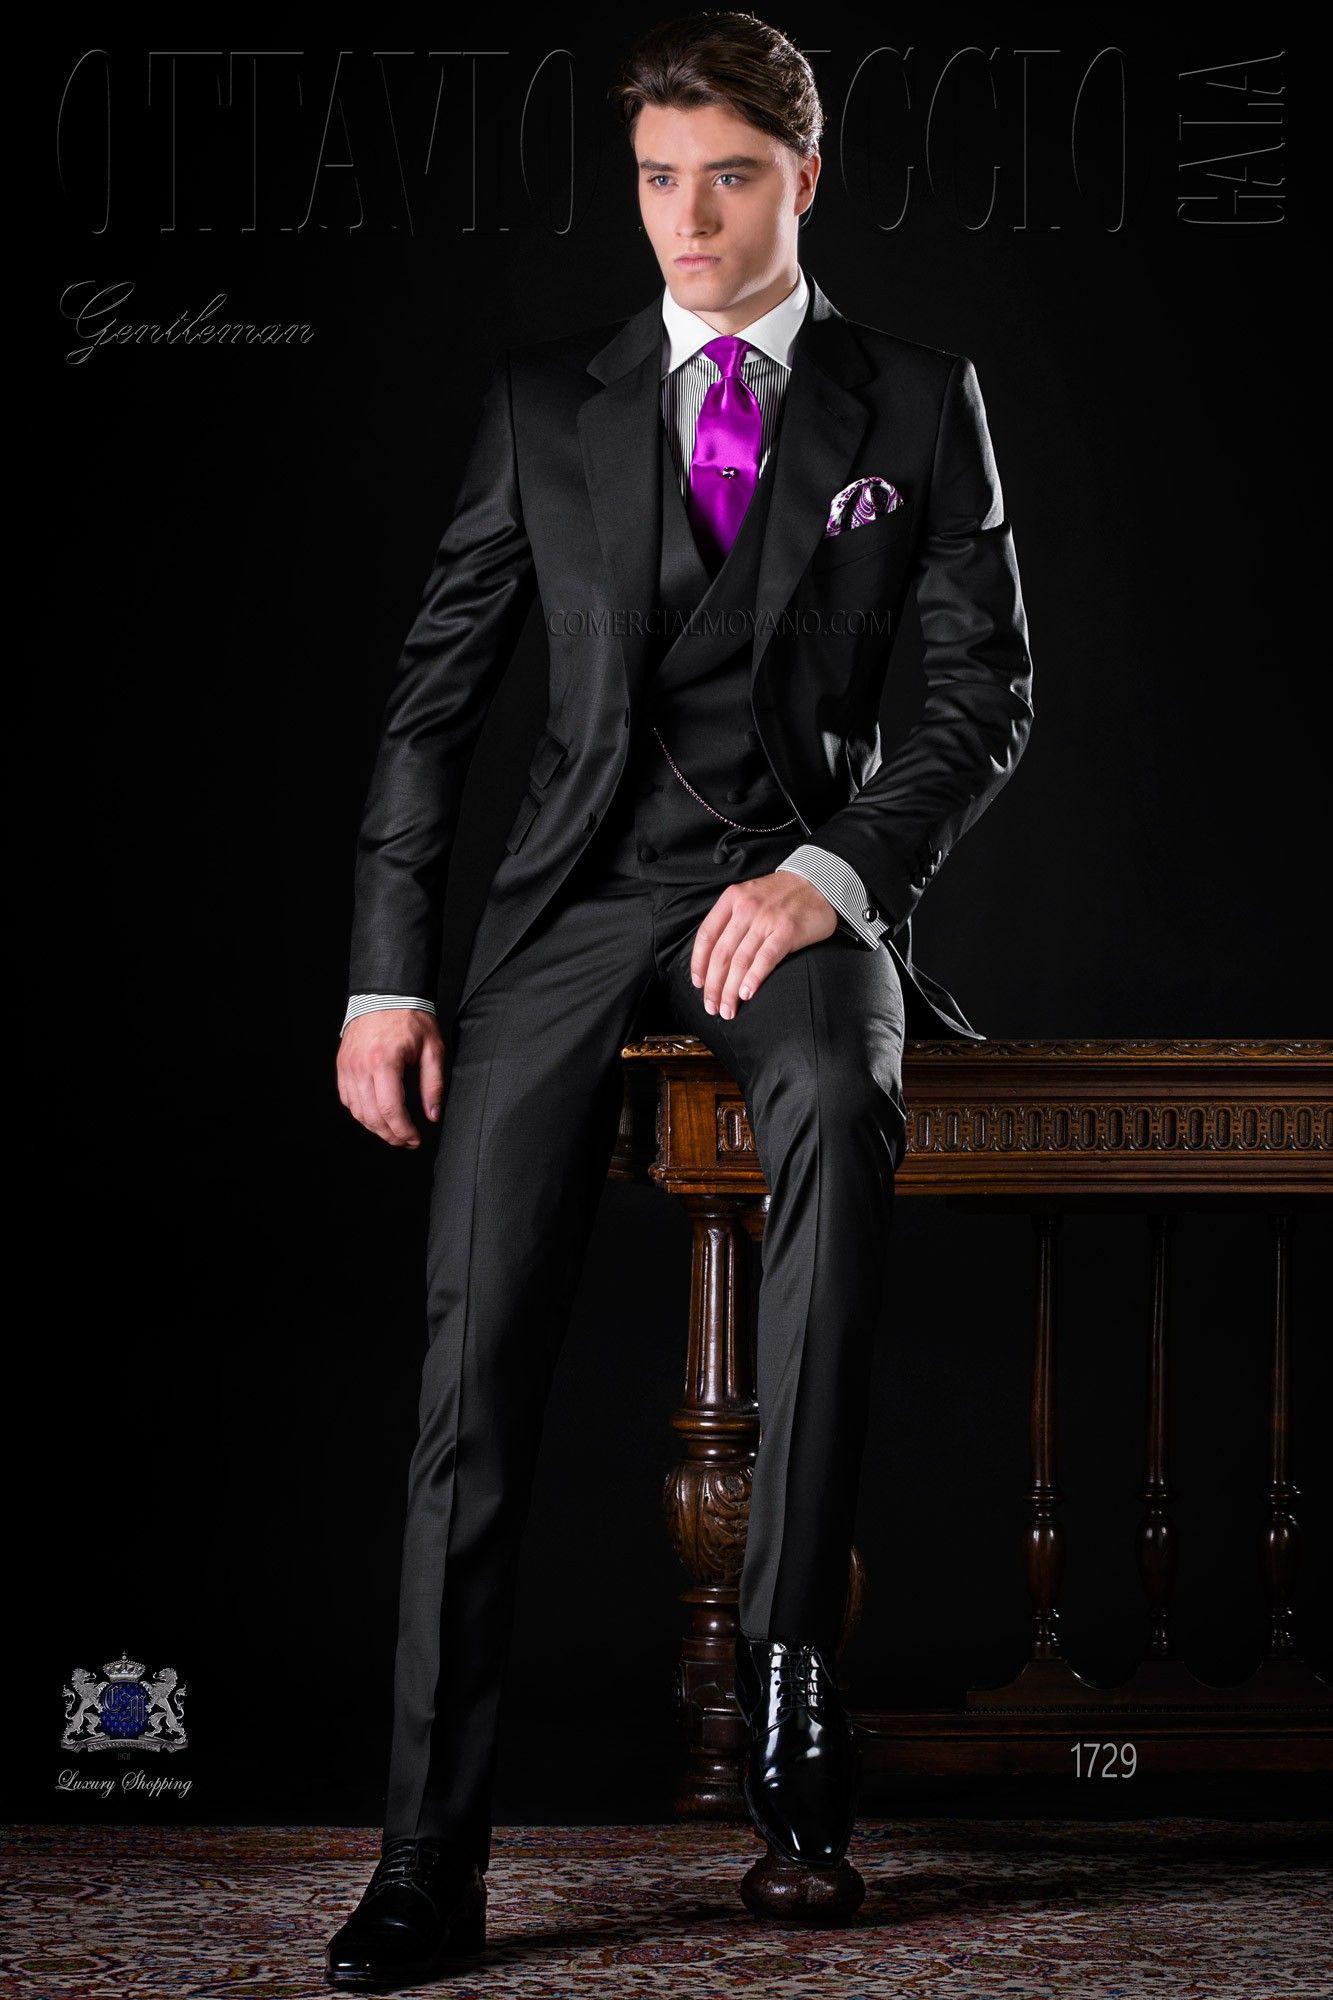 italienisch schwarze anzug aus coole wolle stoff italienische m nner hochzeitsanz ge 2017. Black Bedroom Furniture Sets. Home Design Ideas